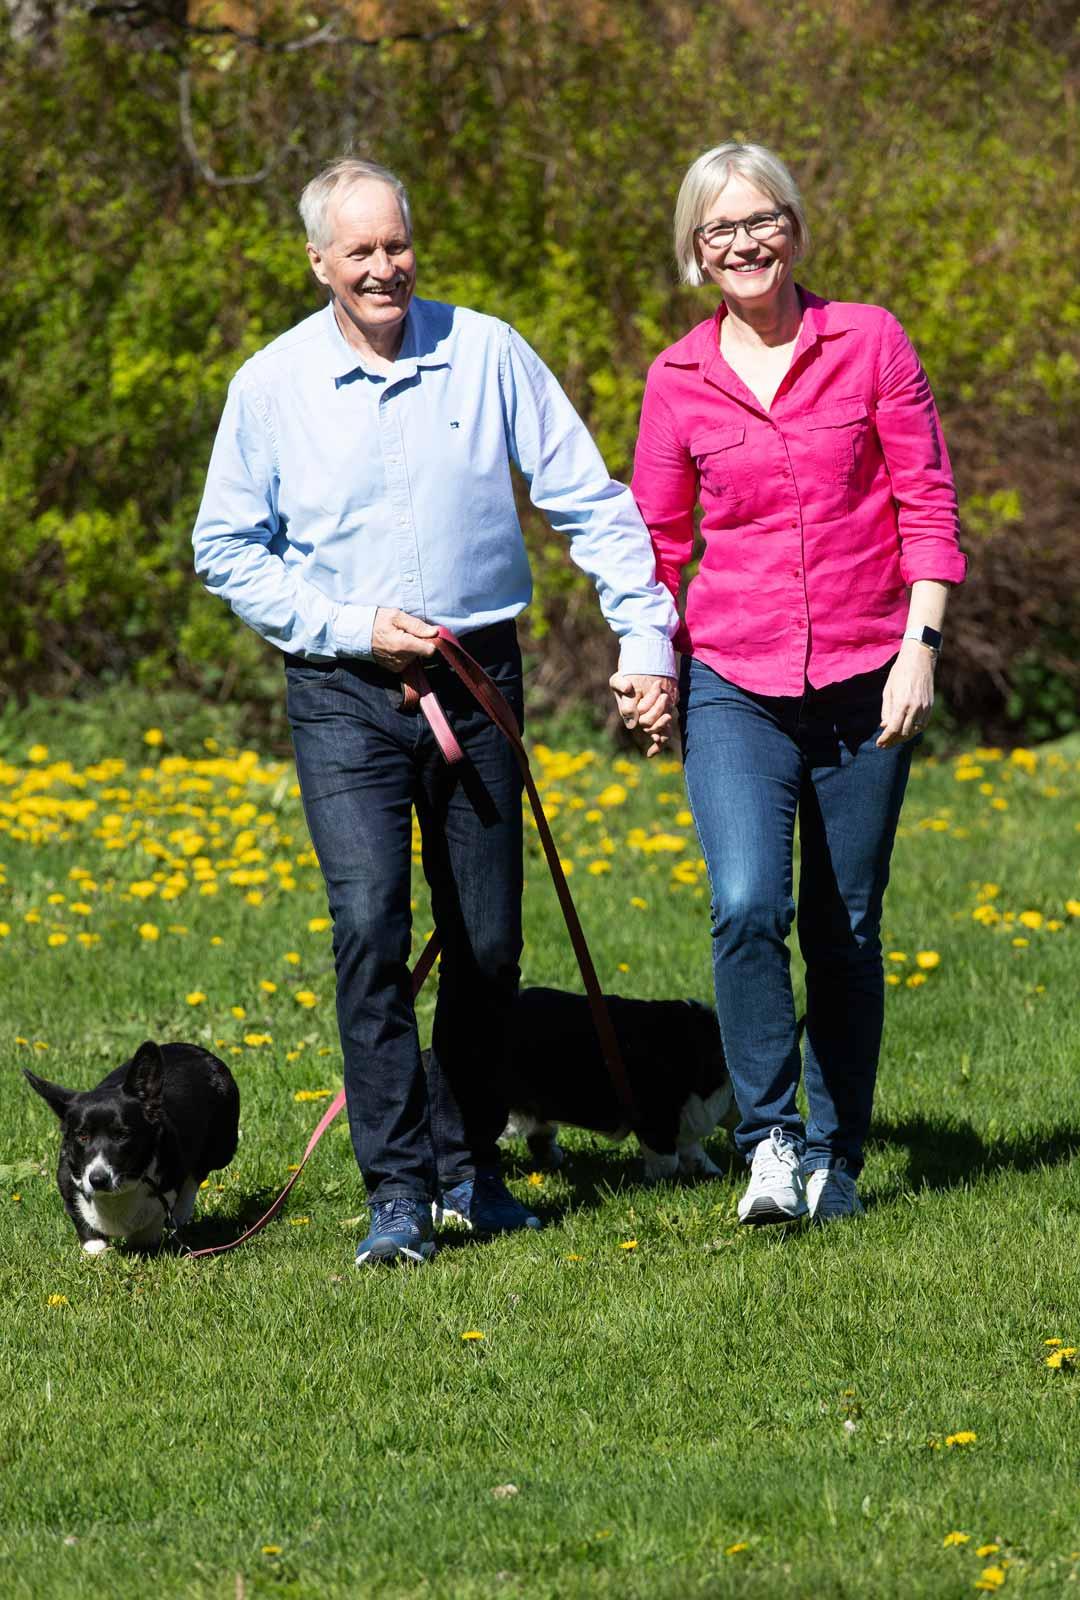 """""""Ihmisen suurin lahja on toinen ihminen"""", sanoo Jorma. Jorman koirat Malla ja Valpu kulkevat usein mukana pariskunnan lenkeillä."""